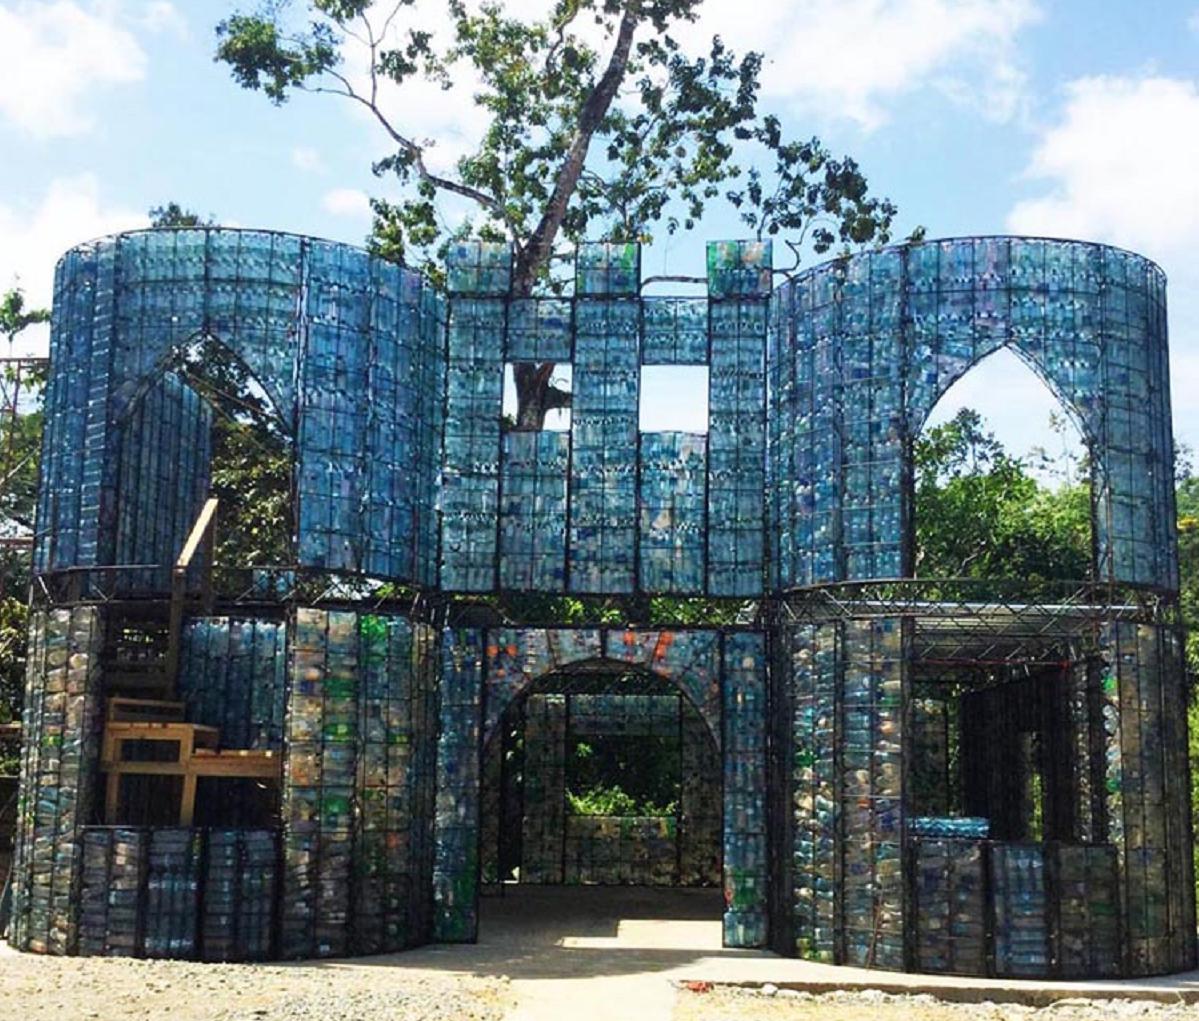 Tudo é possível... até uma vila feita com garrafas de plástico